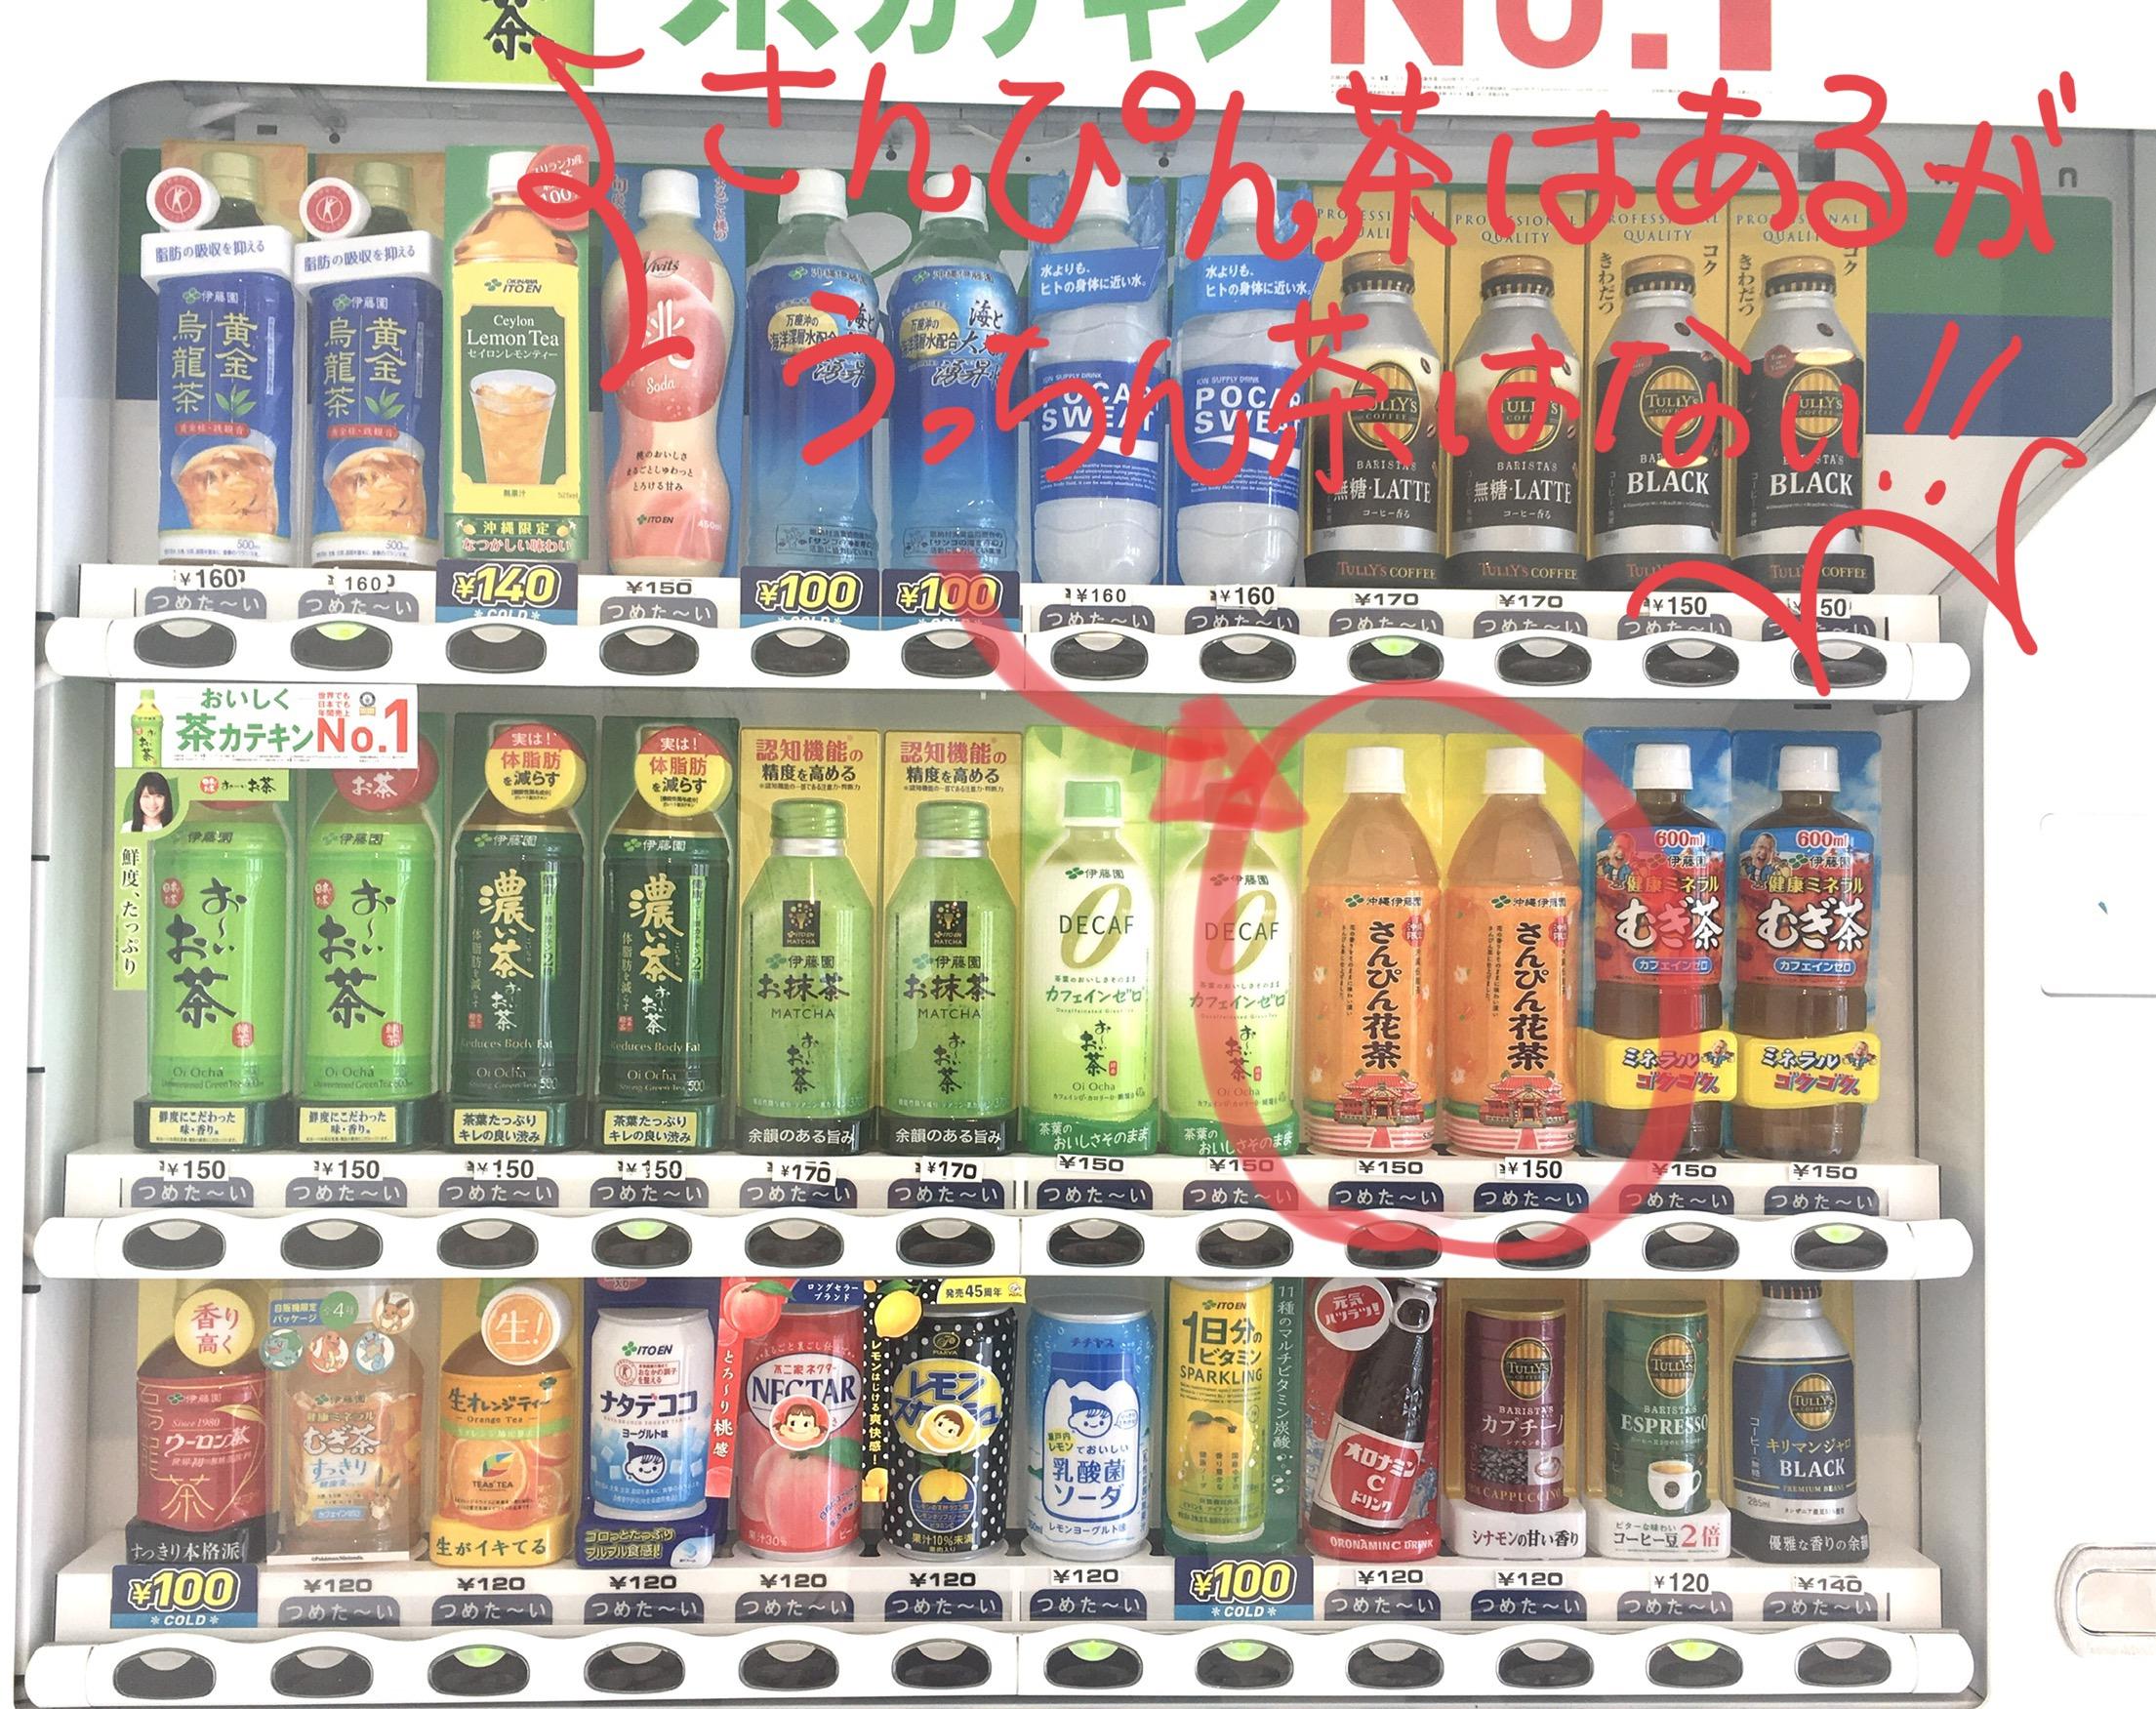 沖縄の自販機にはうちん茶がない